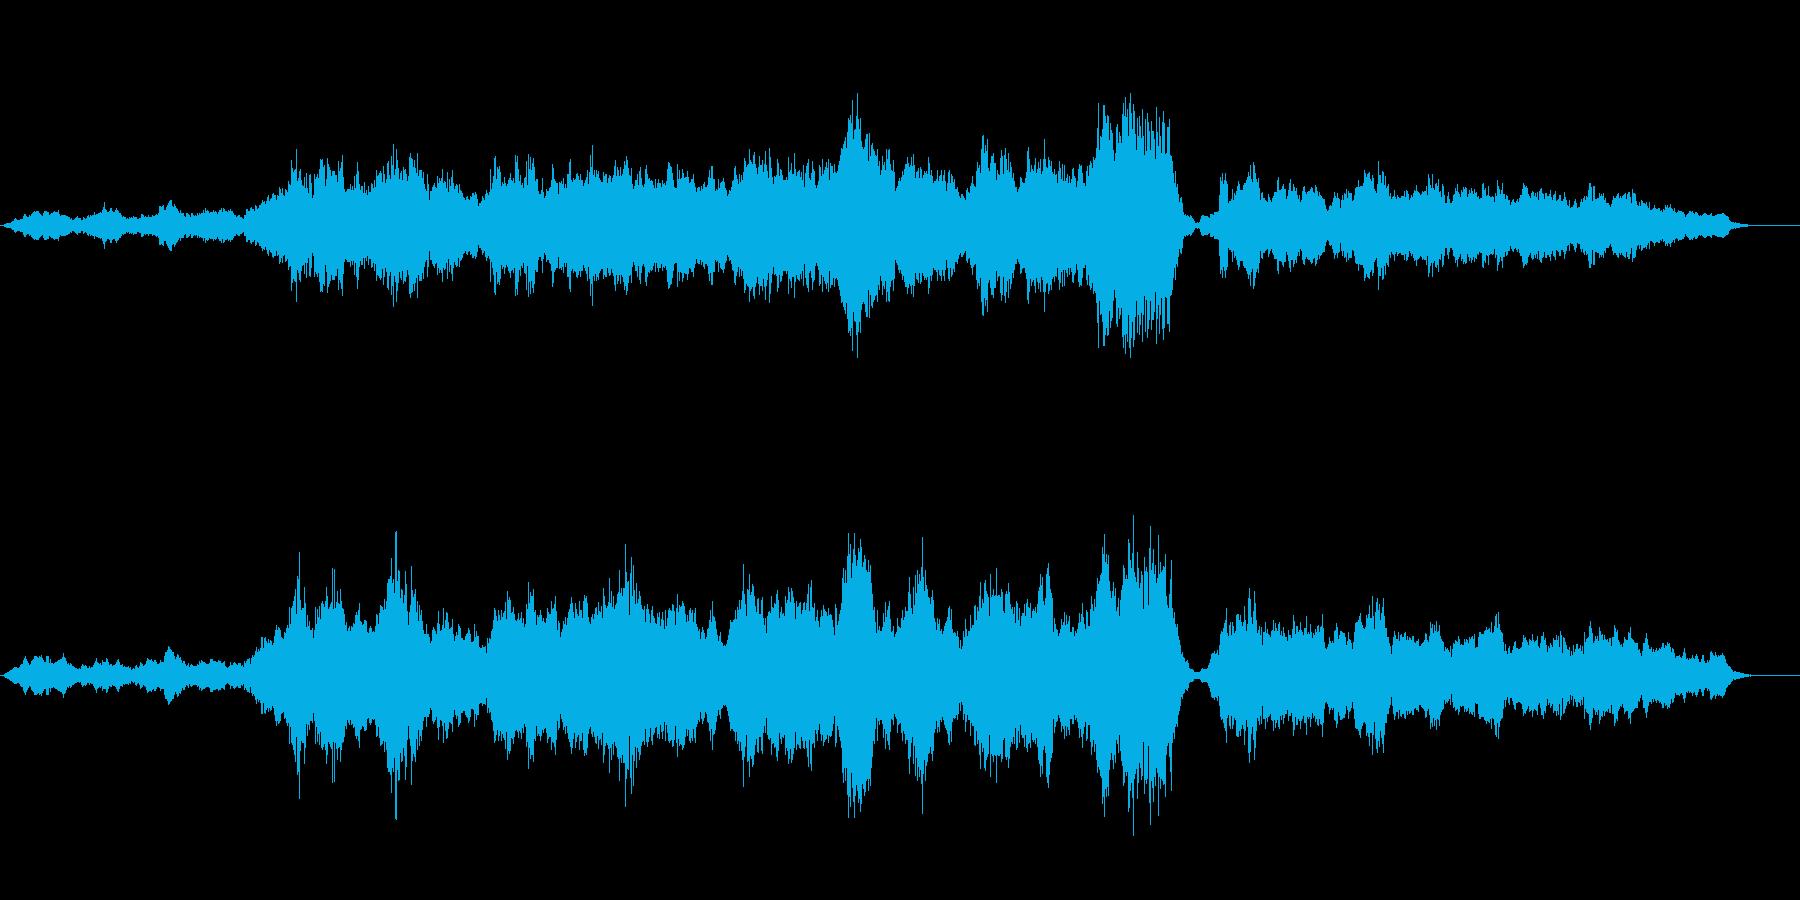 オーボエと弦楽による叙情的で壮大な弦楽詩の再生済みの波形